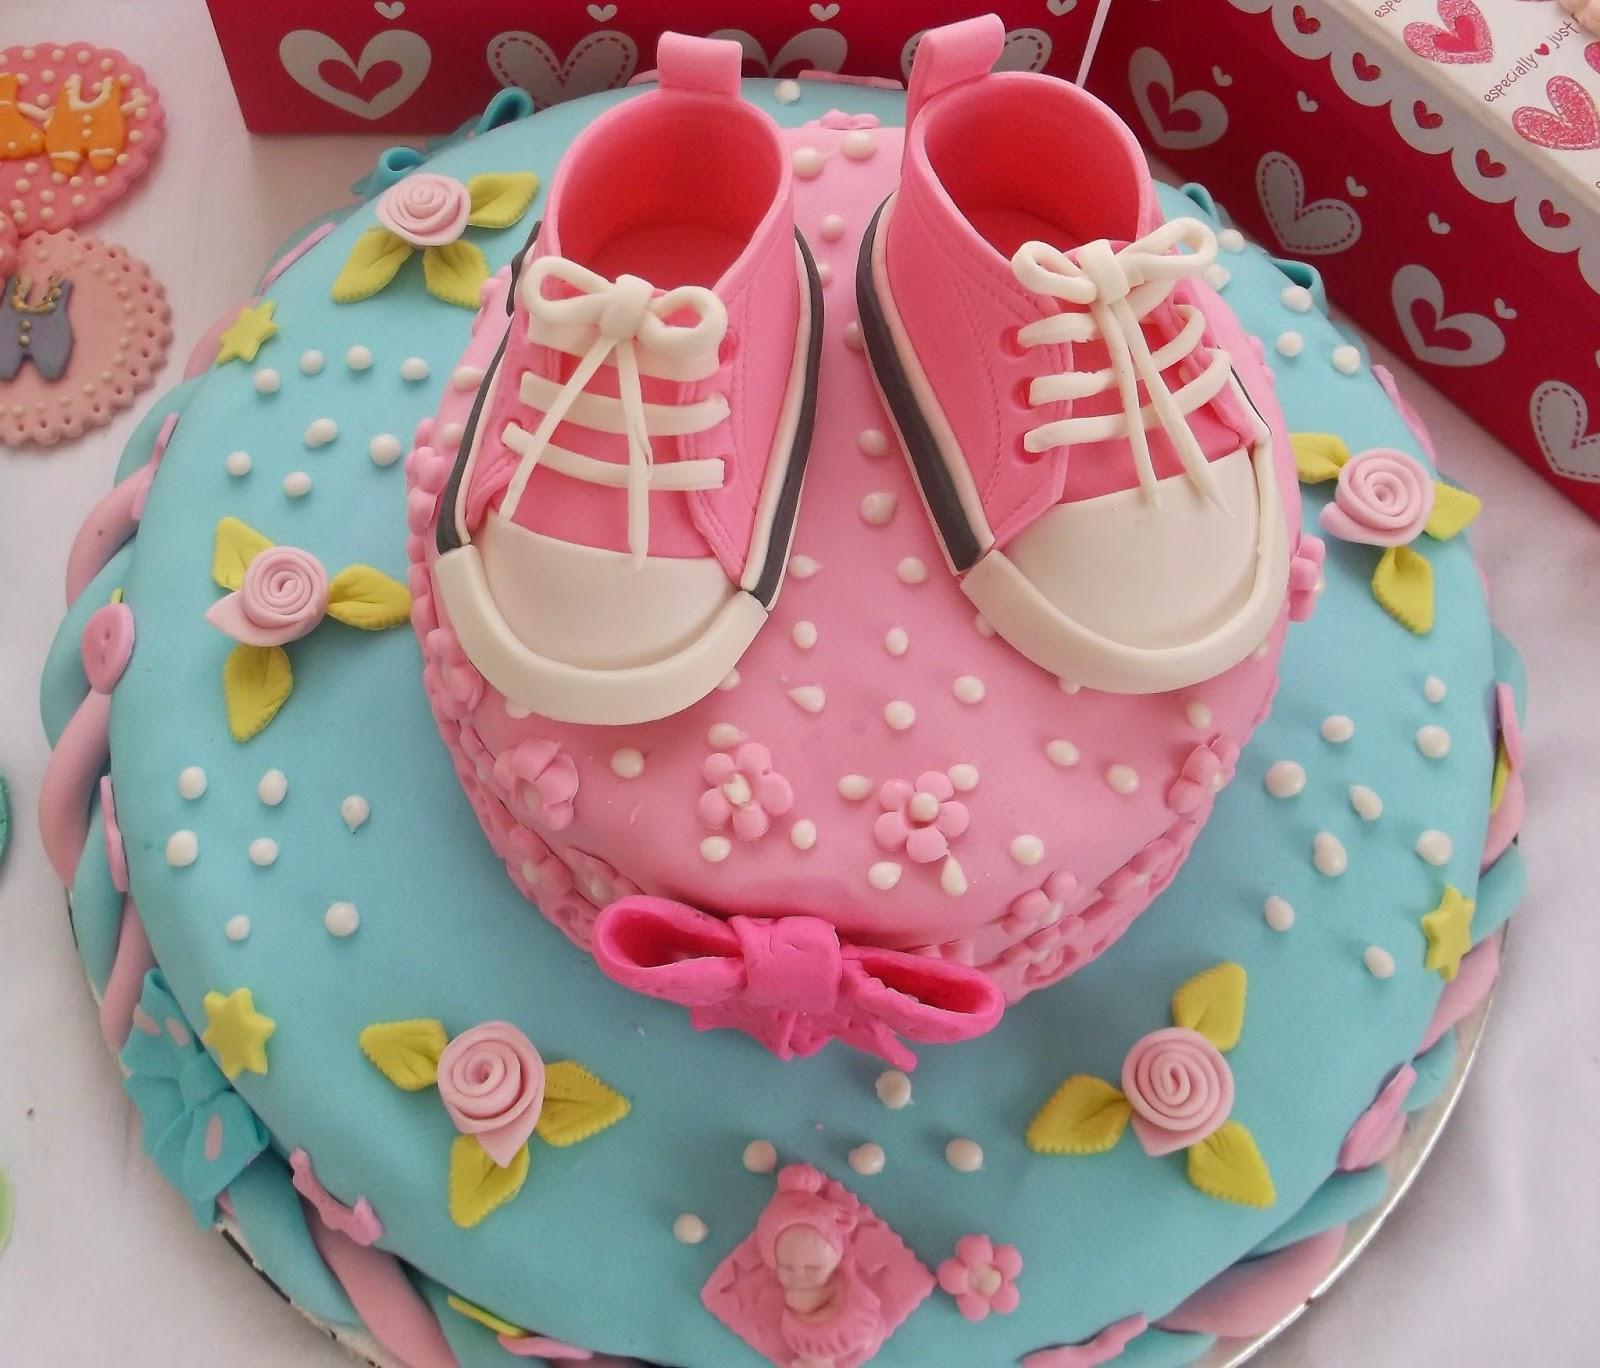 Dulces Encantados Regalitos estibles baby shower